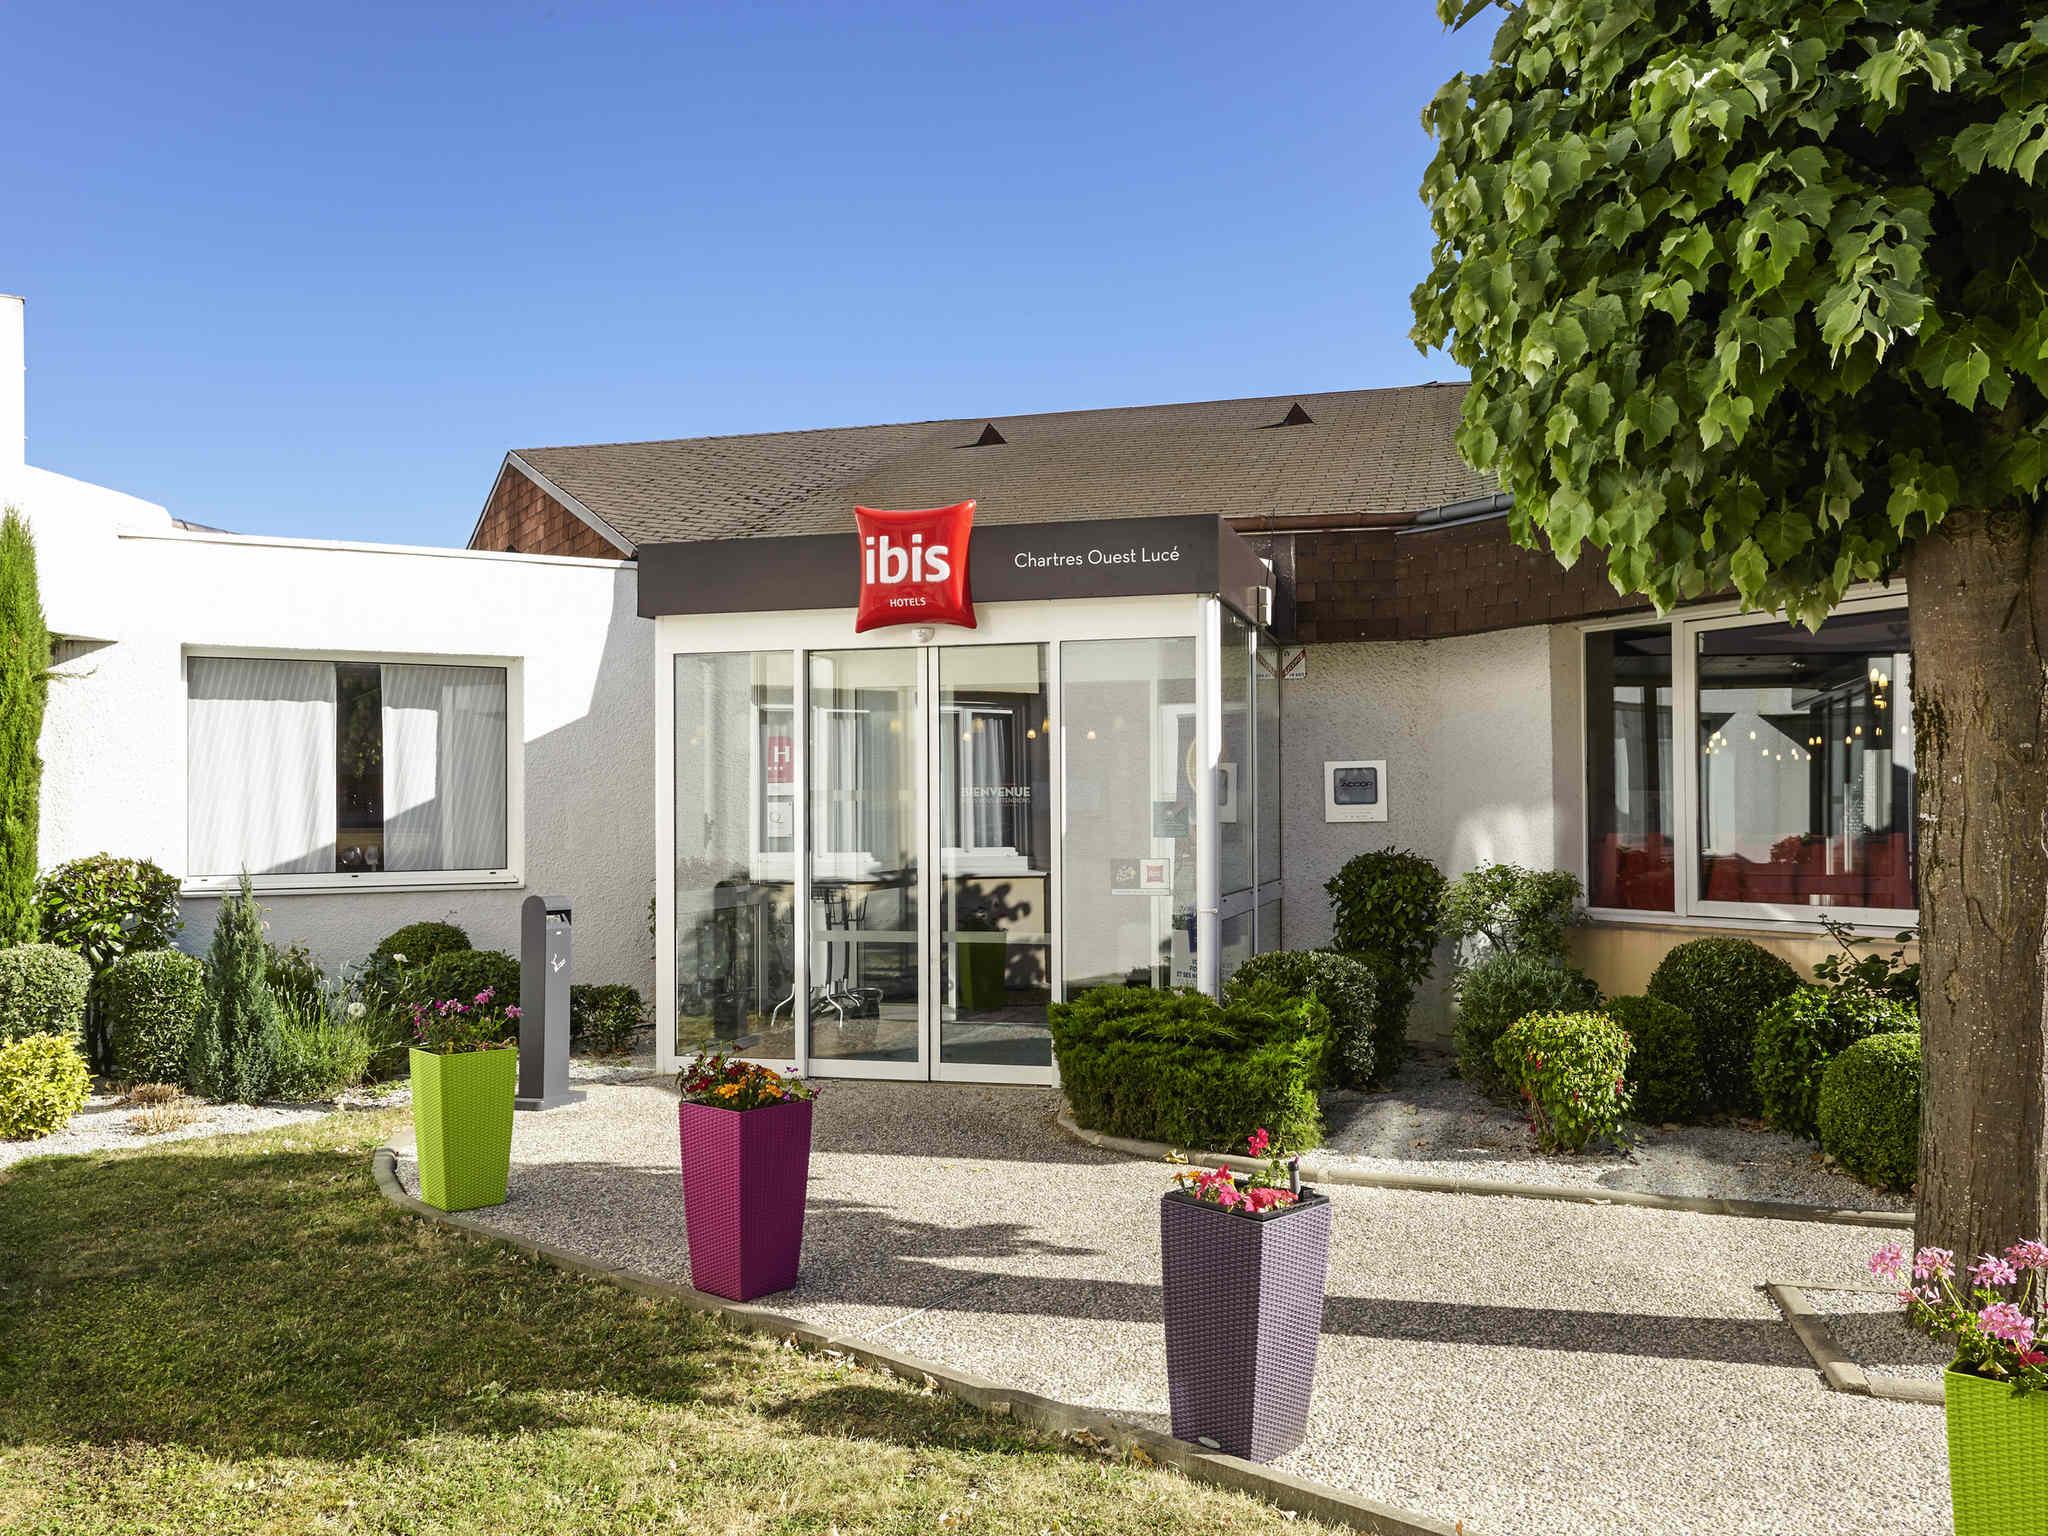 โรงแรม – ibis Chartres Ouest Lucé